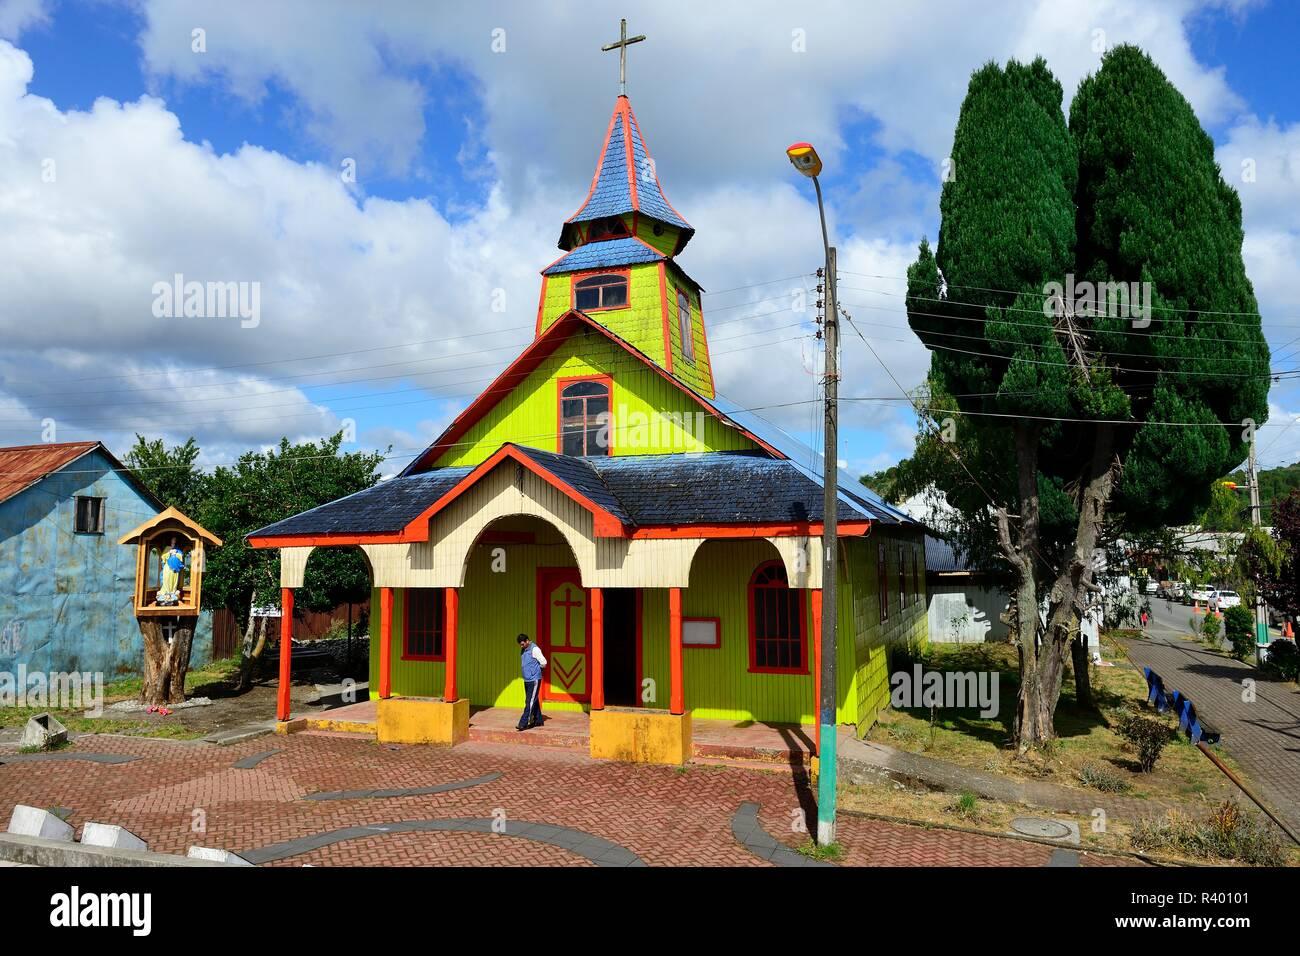 Colourful wooden church Iglesia San José, Quemchi, Chiloé Island, Chile - Stock Image